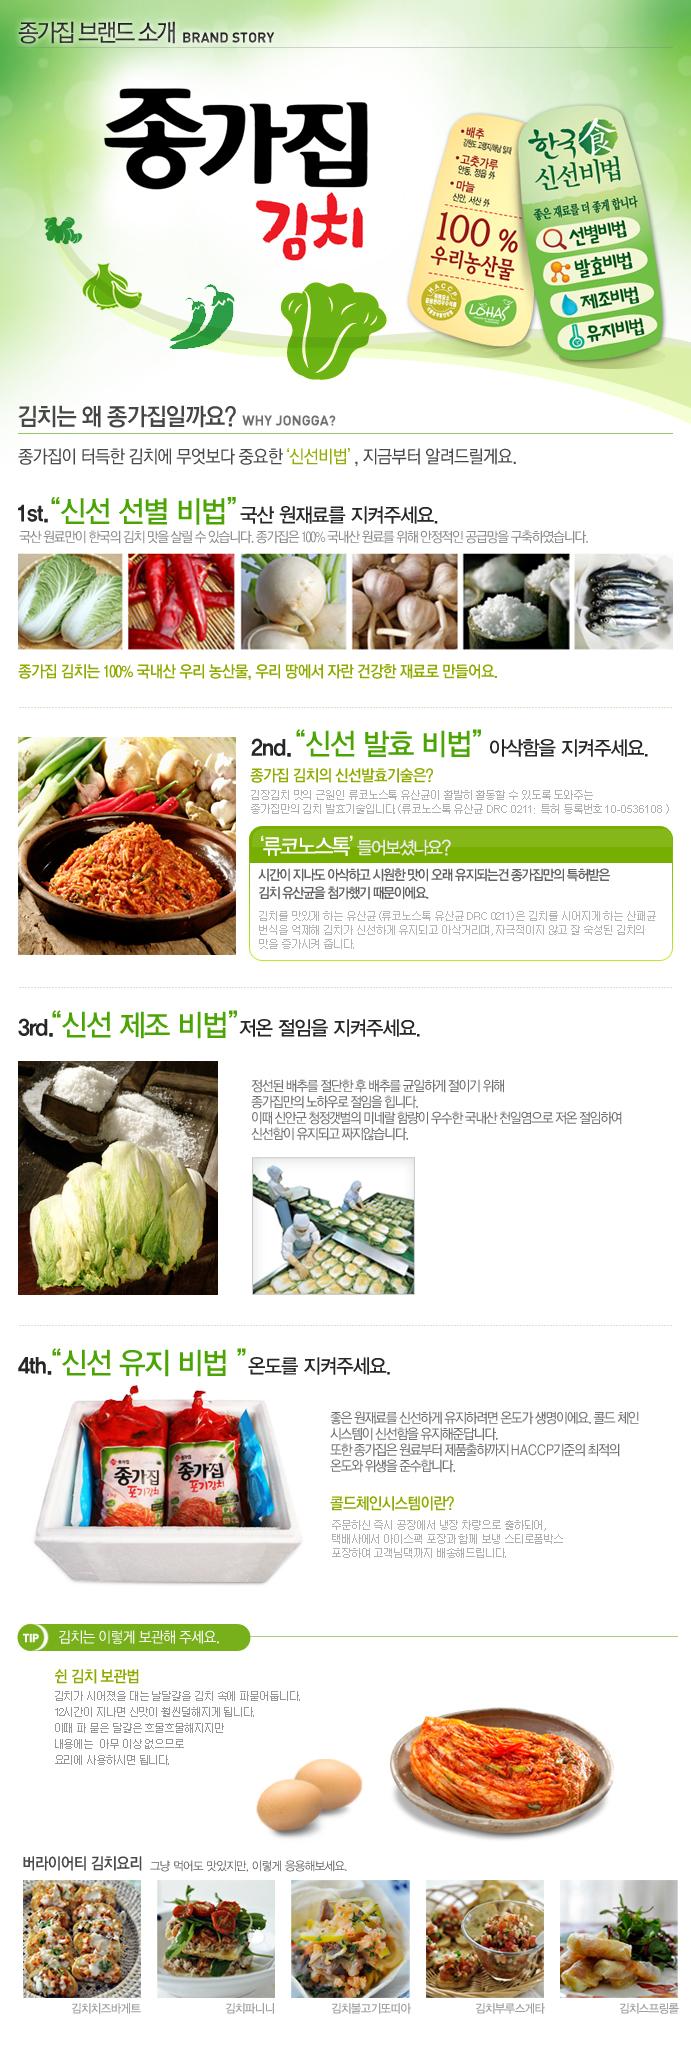 kimchi_new_100429.jpg